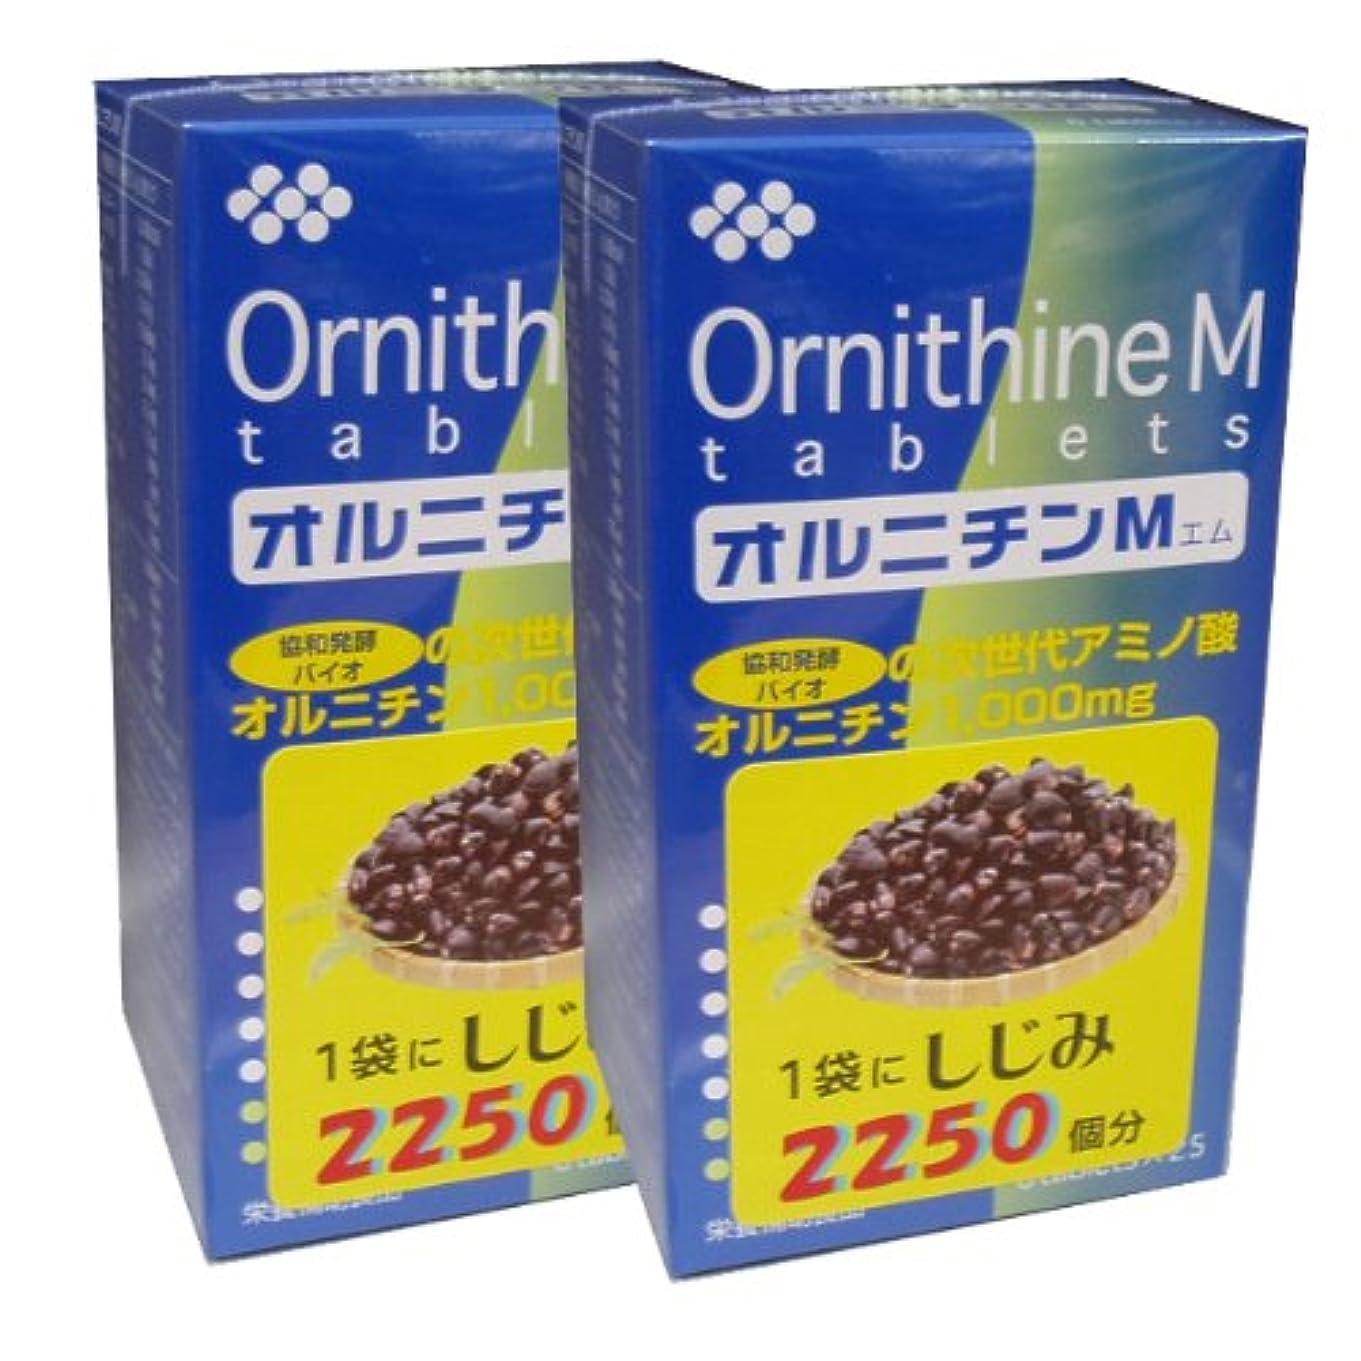 カリング救急車サミット協和発酵オルニチンM (6粒×25袋)×2個セット